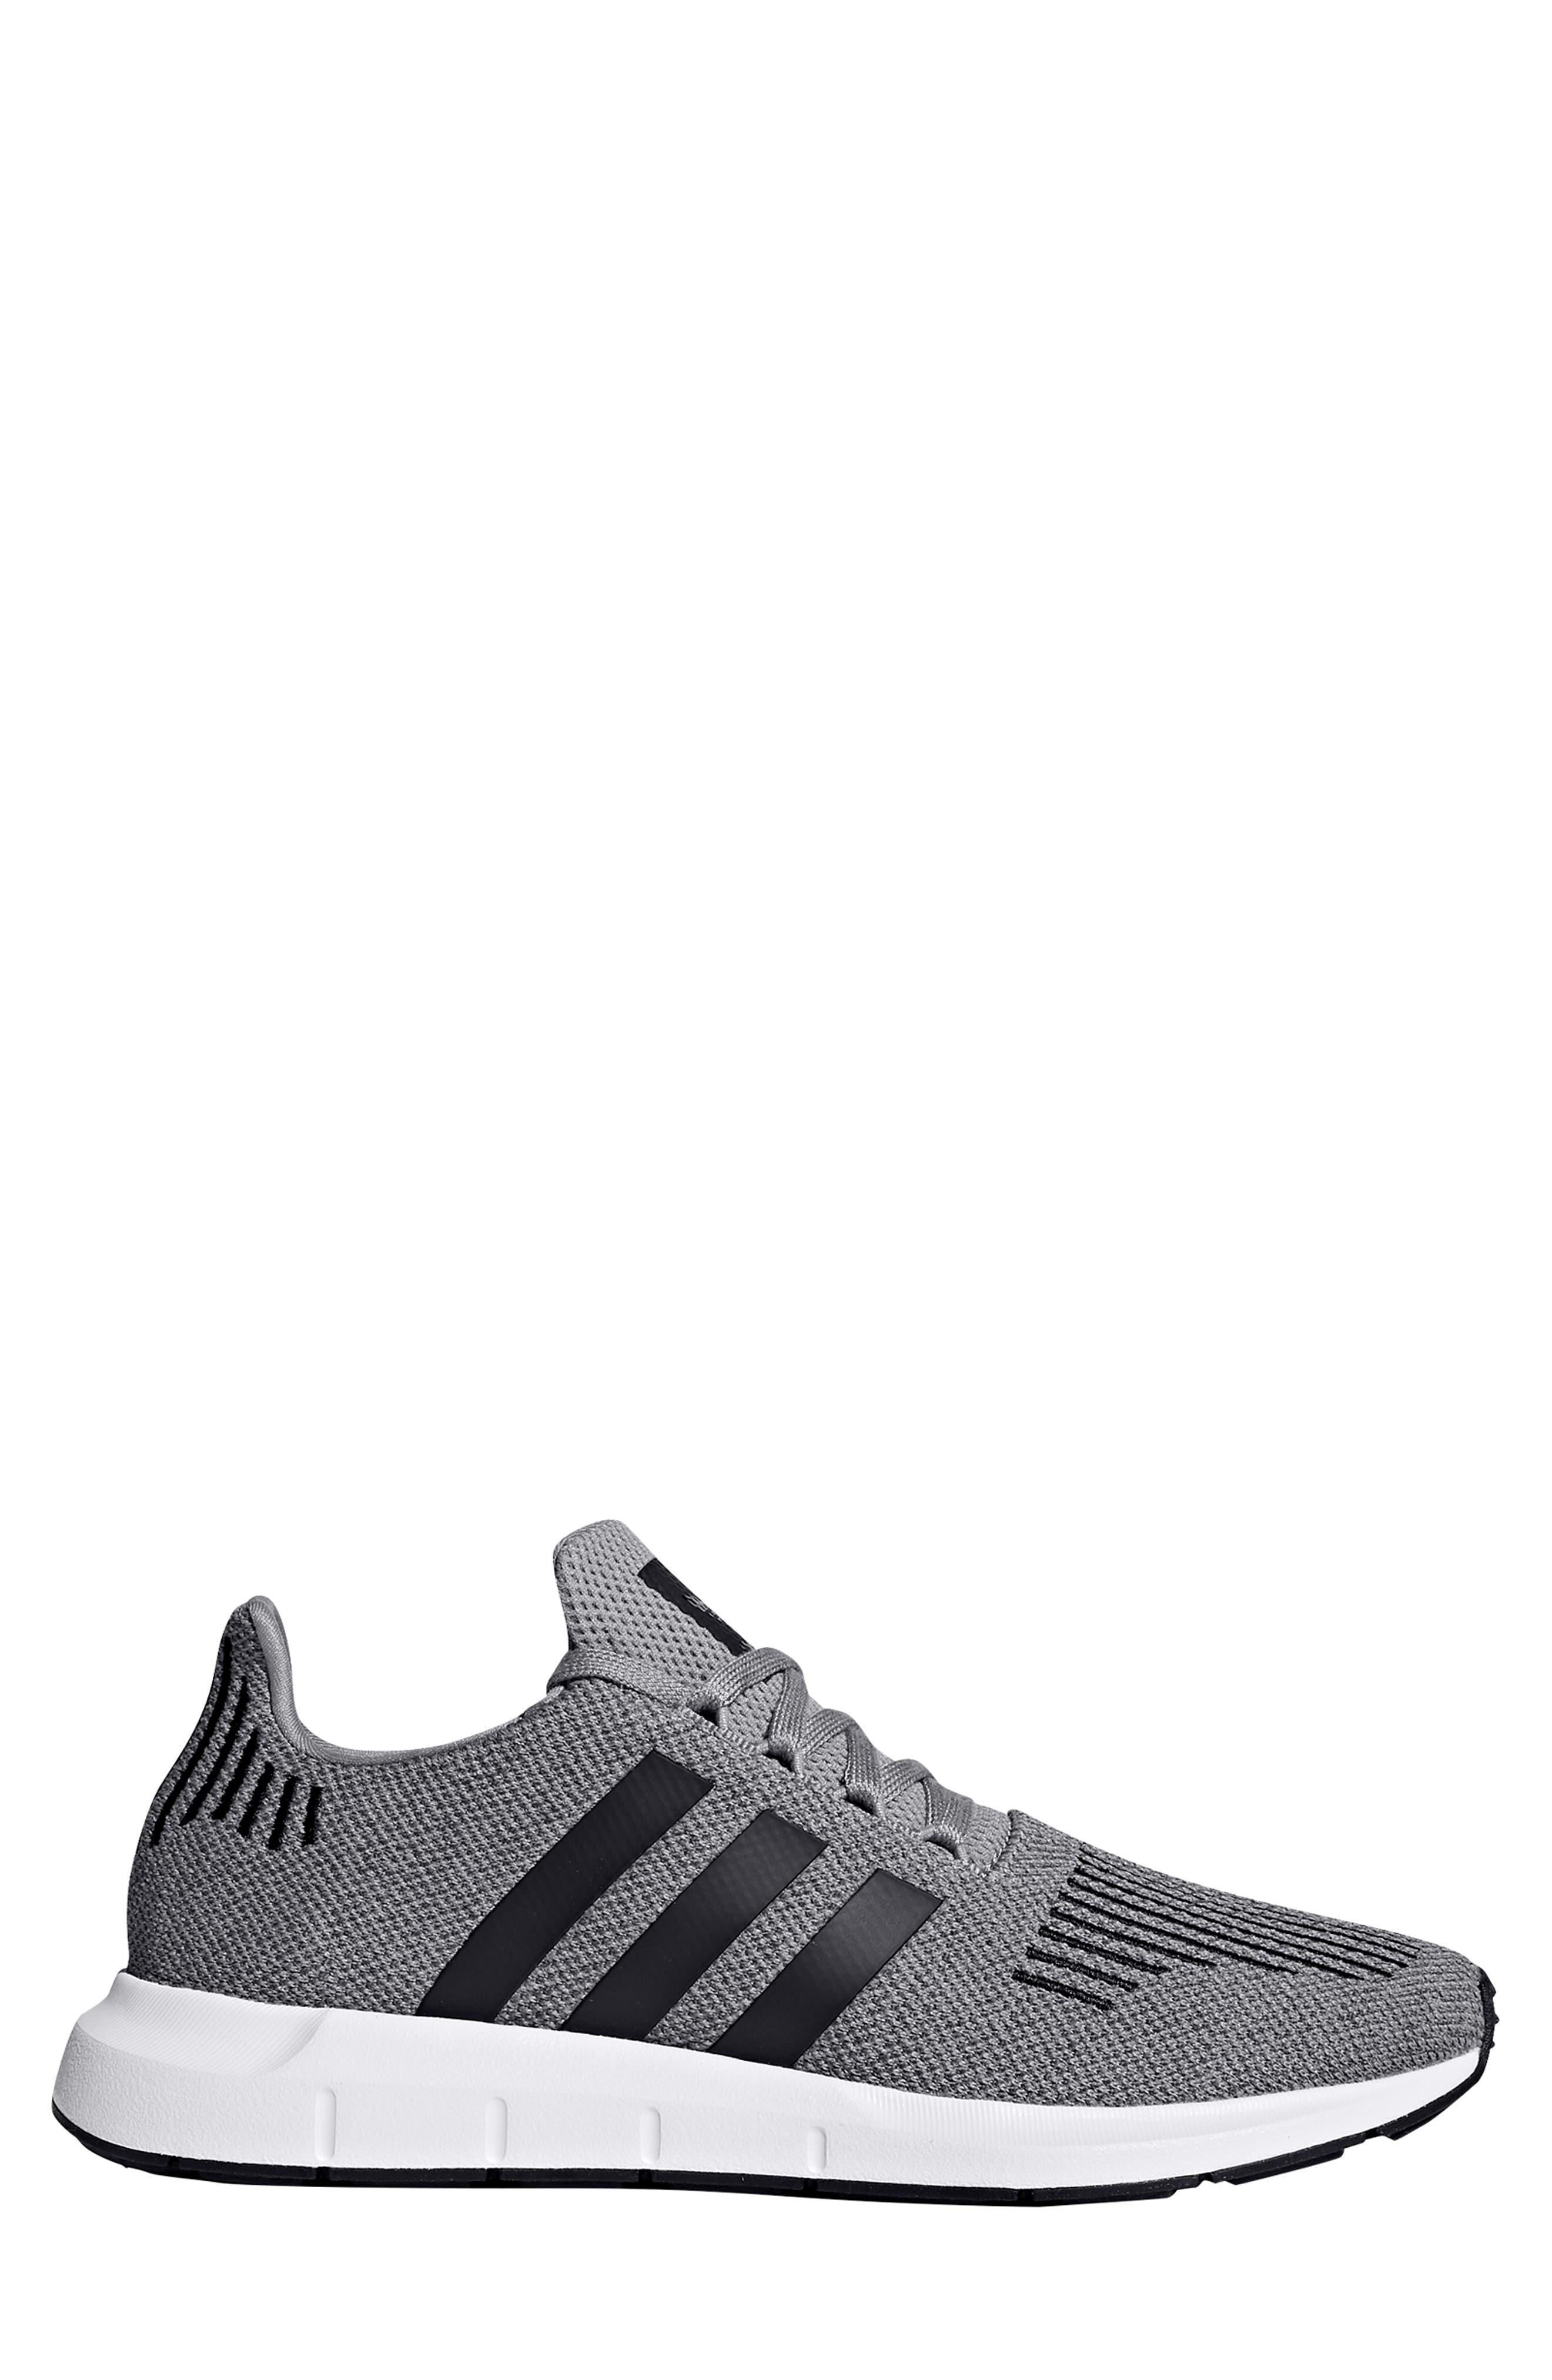 Limited Release Ver todos los zapatos de Adidas Nordstrom